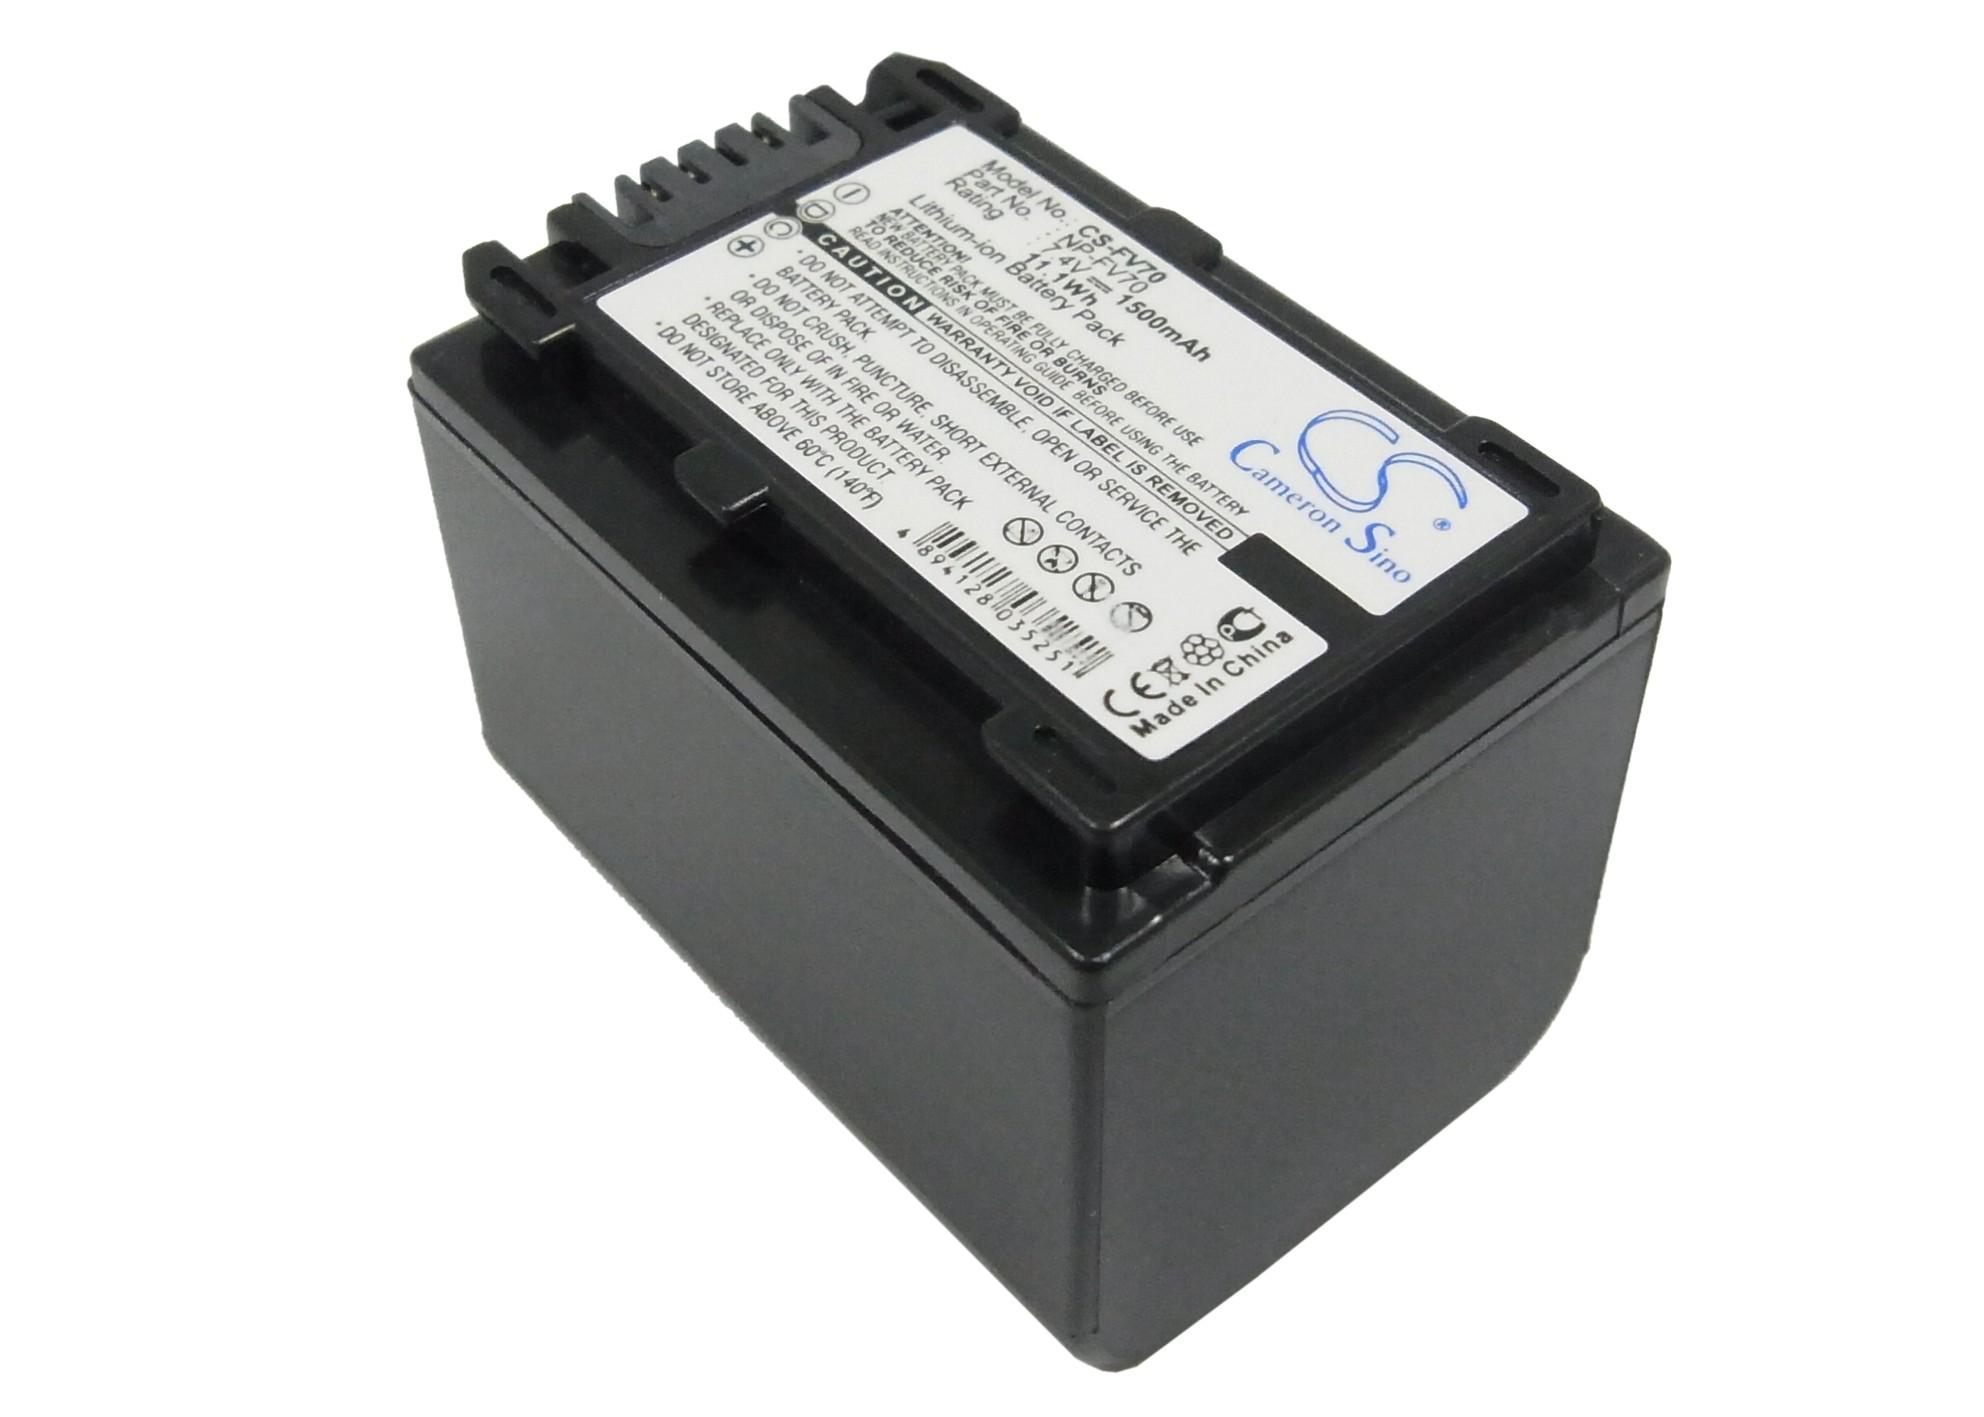 Cameron Sino baterie do kamer a fotoaparátů pro SONY HDR-PJ30VE 7.4V Li-ion 1500mAh černá - neoriginální